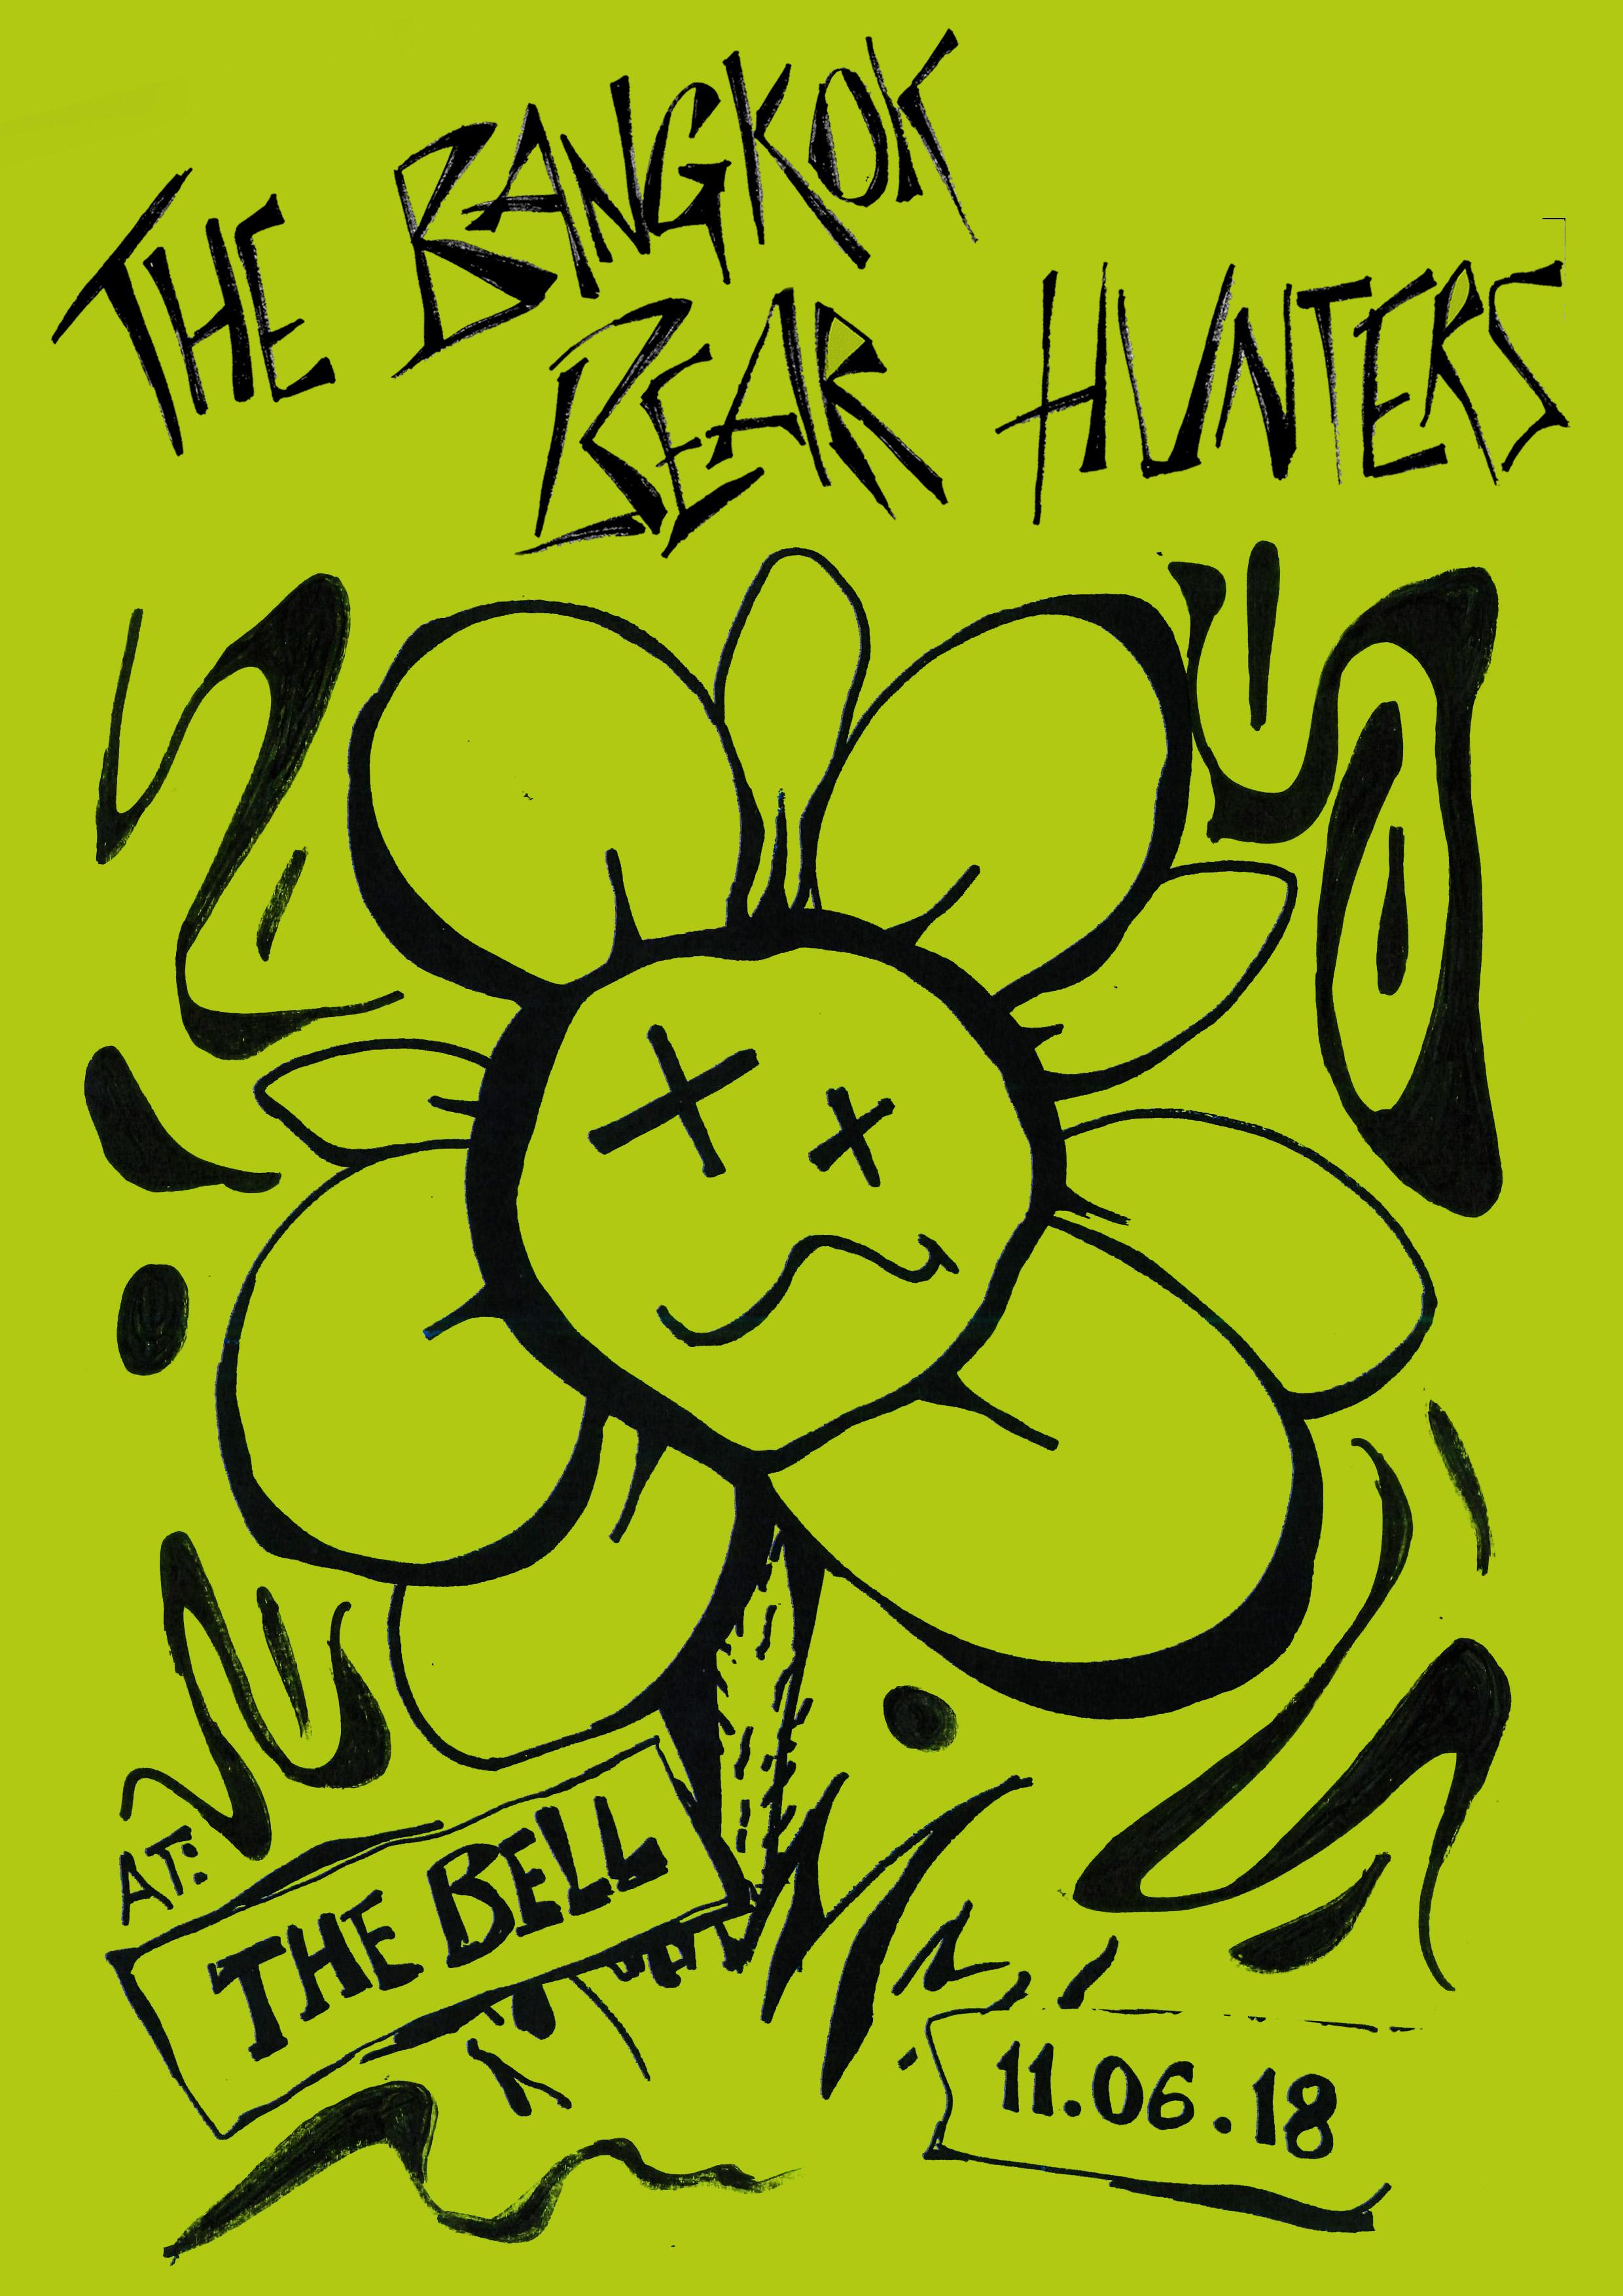 The Bangkok Bear Hunters